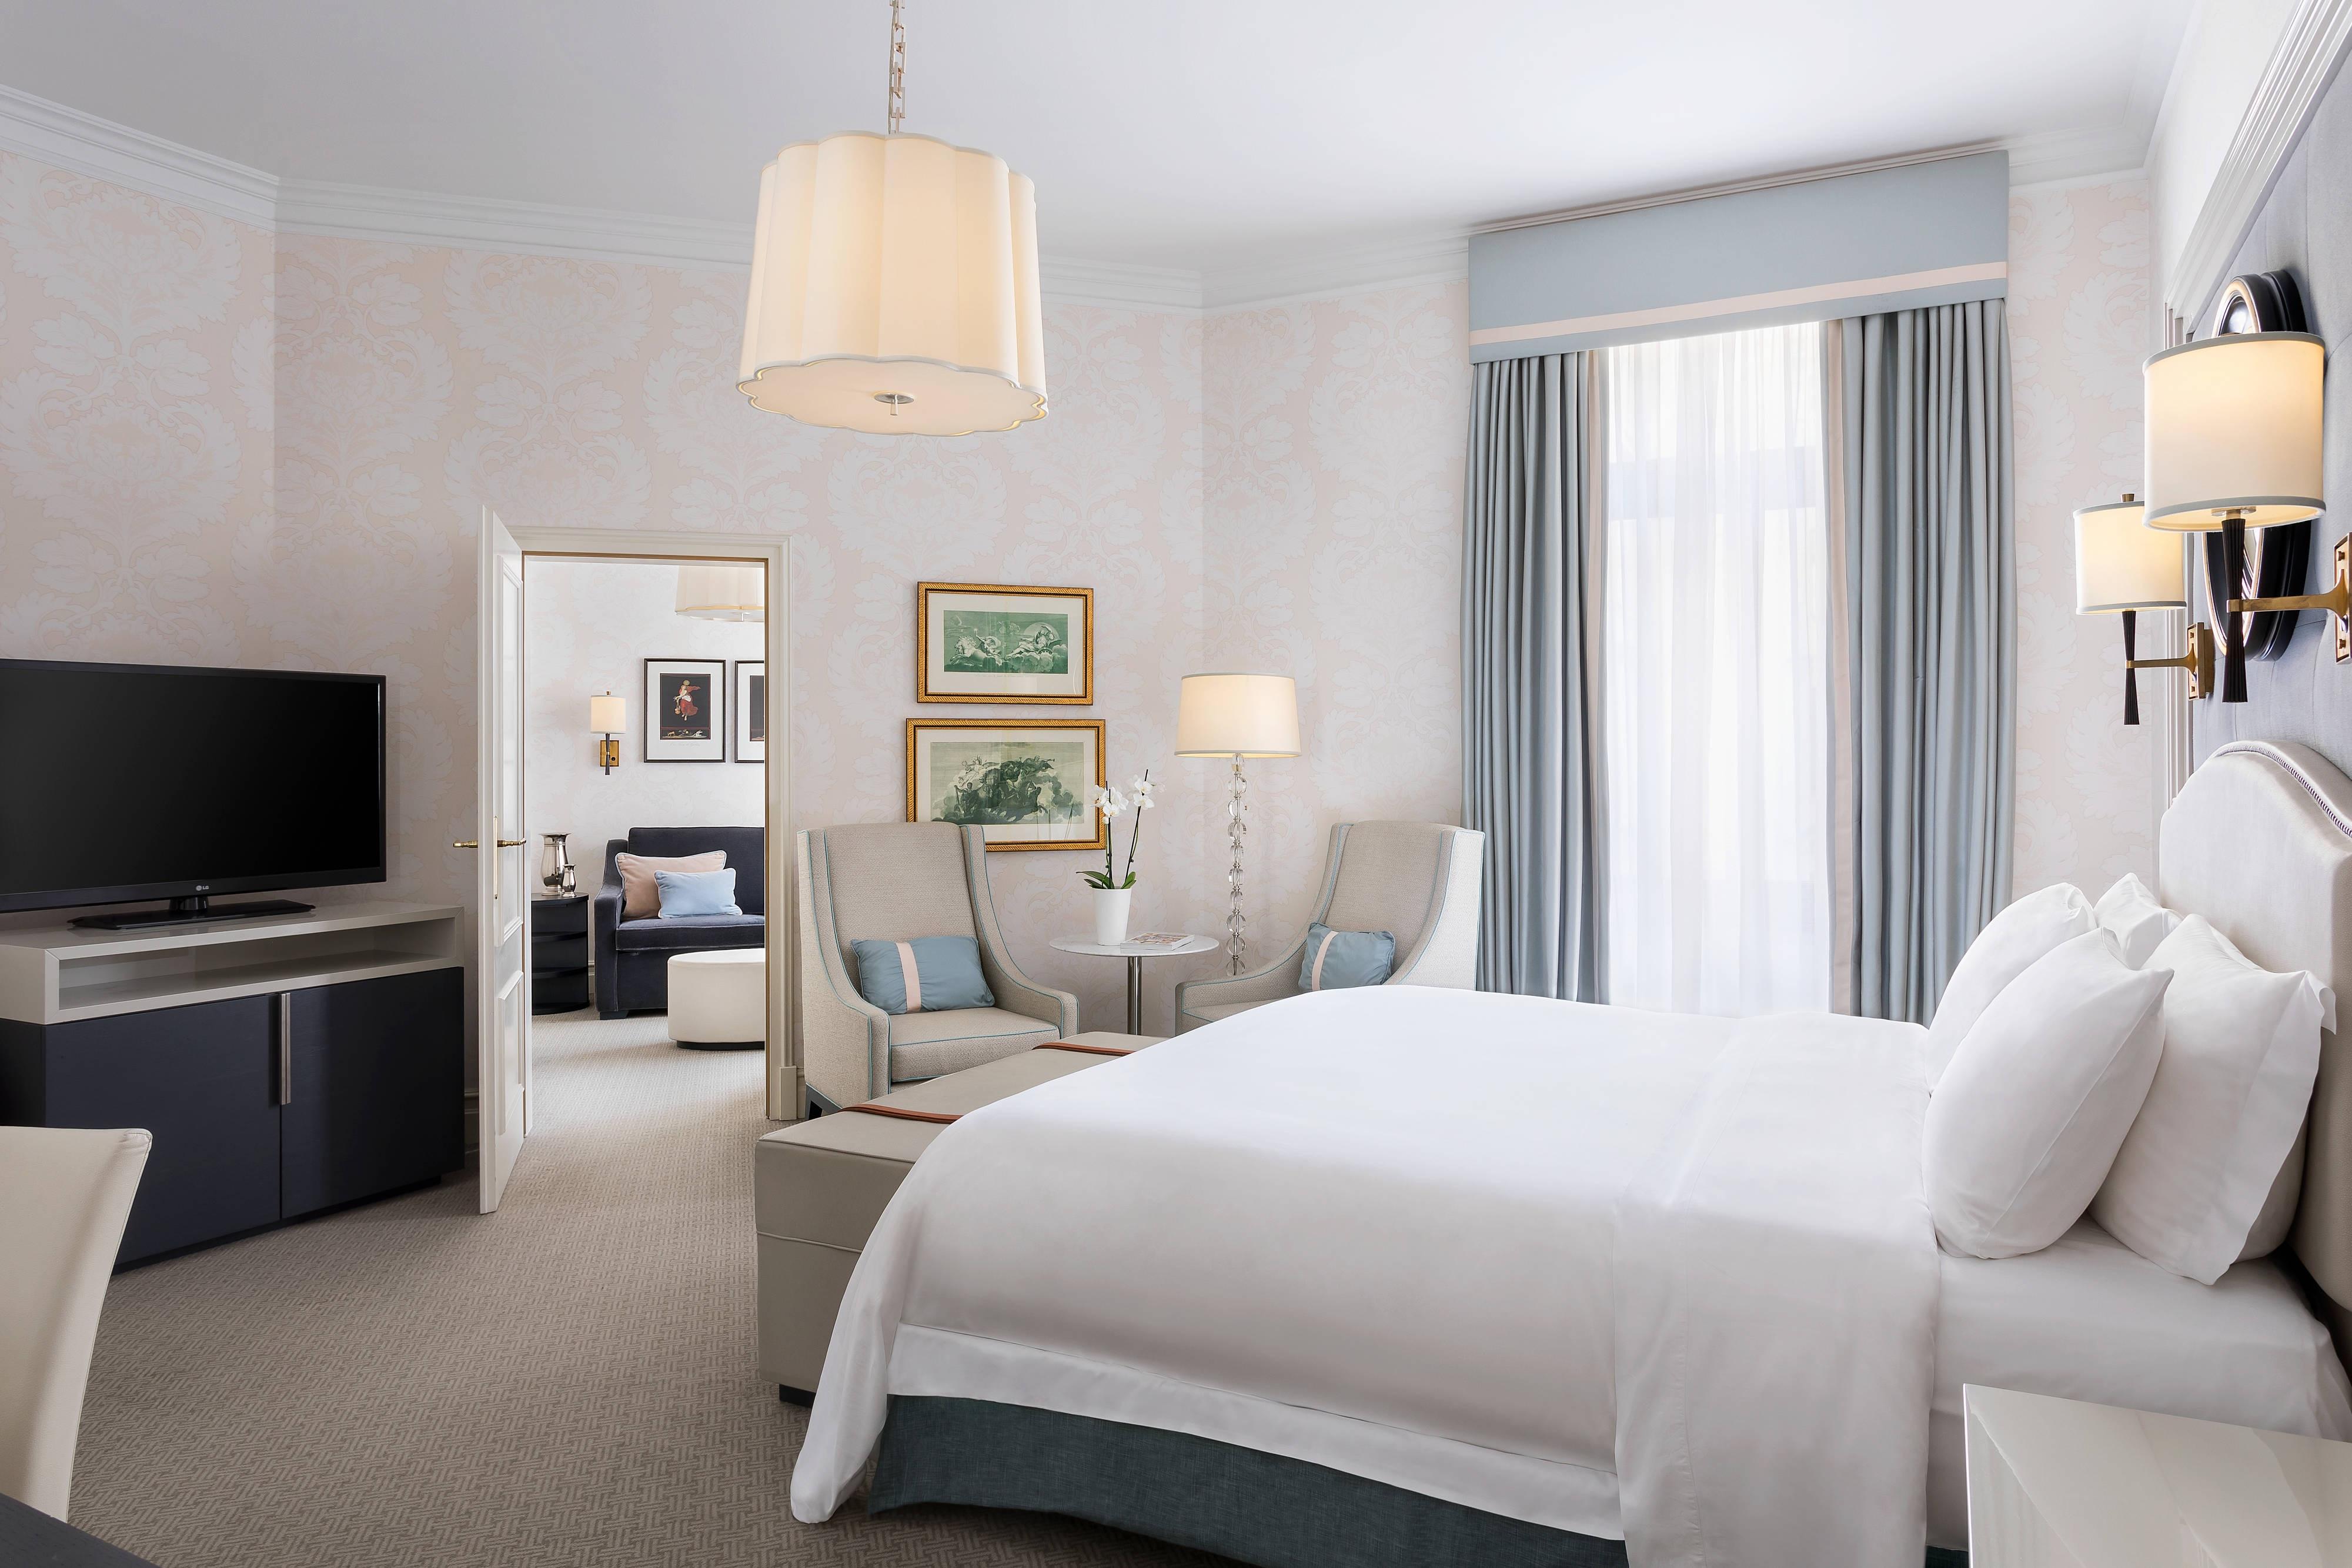 King Junior Suite - Bedroom